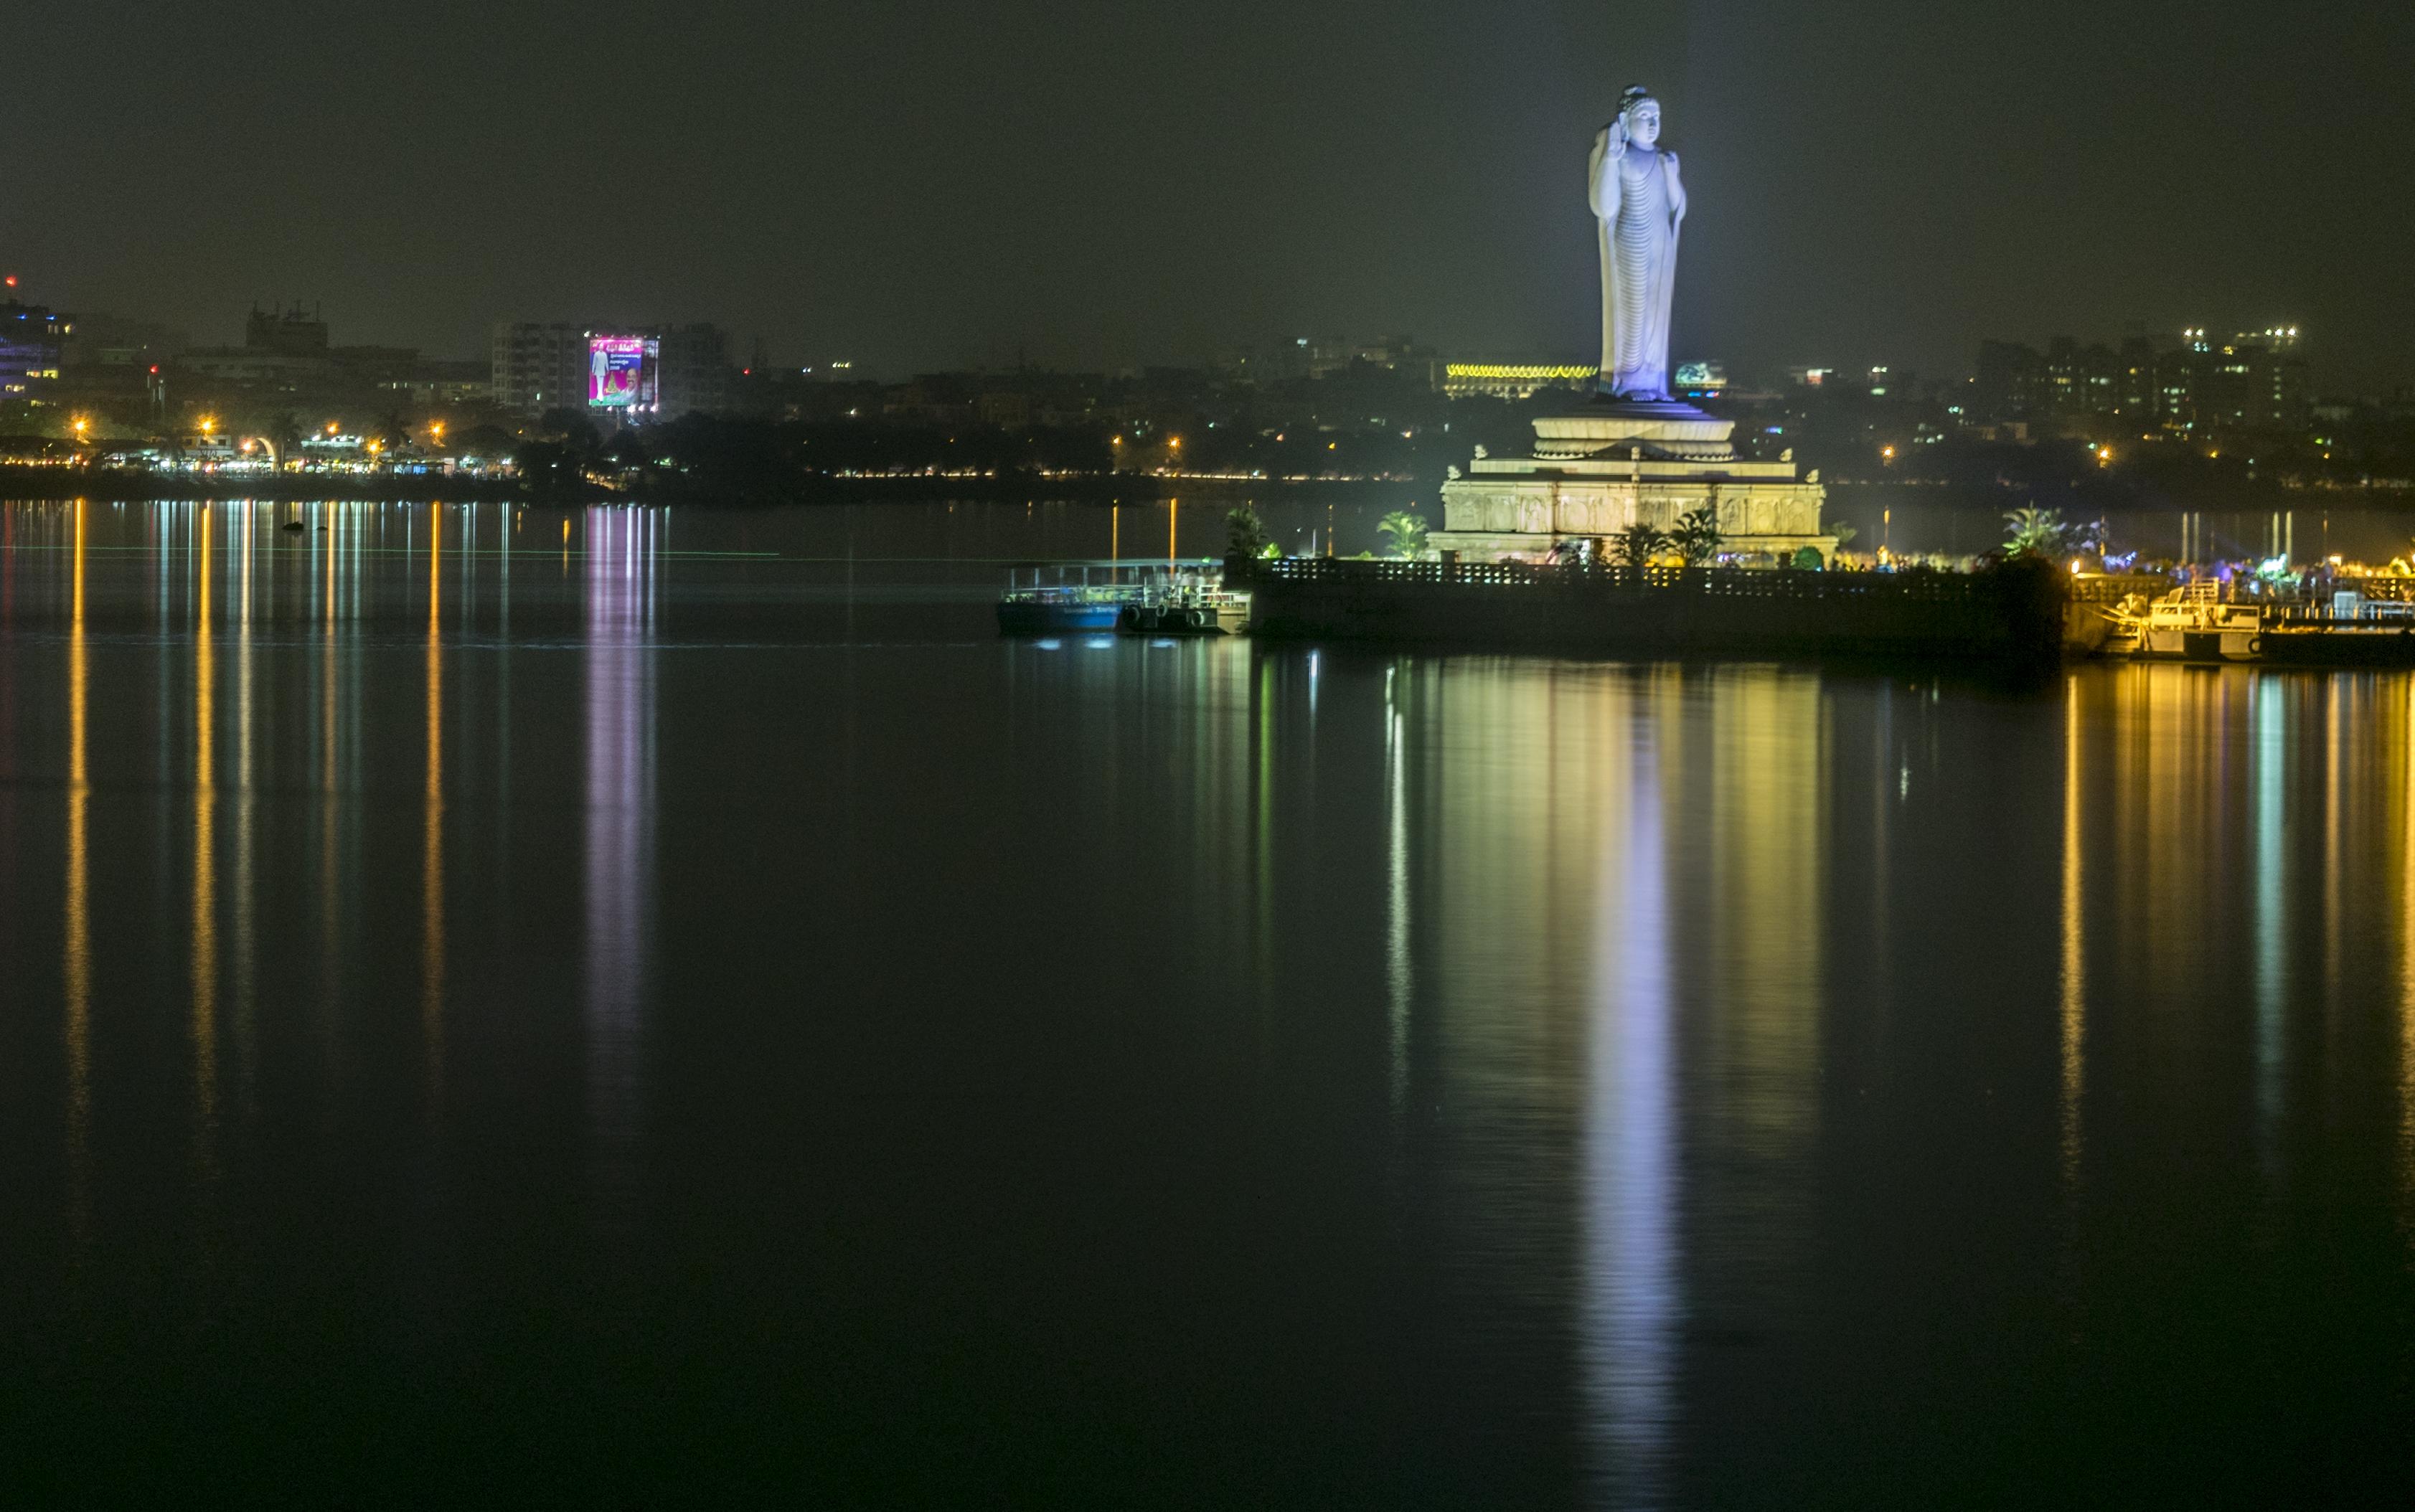 Gautama Buddha statue in Hussain Sagar Lake